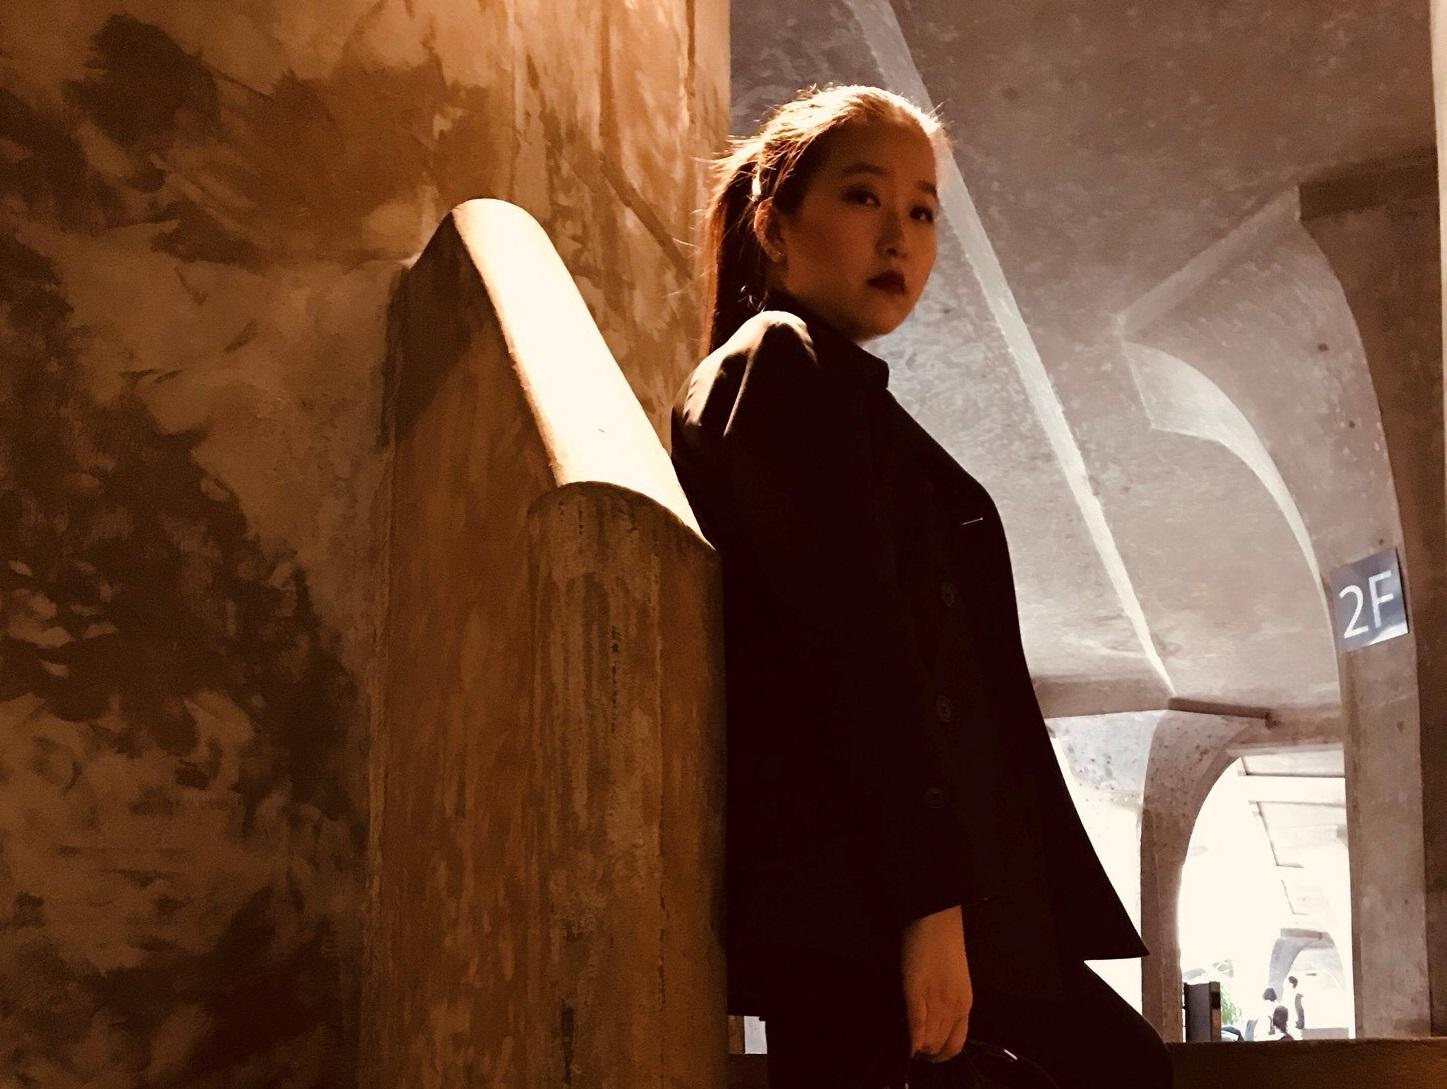 Jiwen Ying